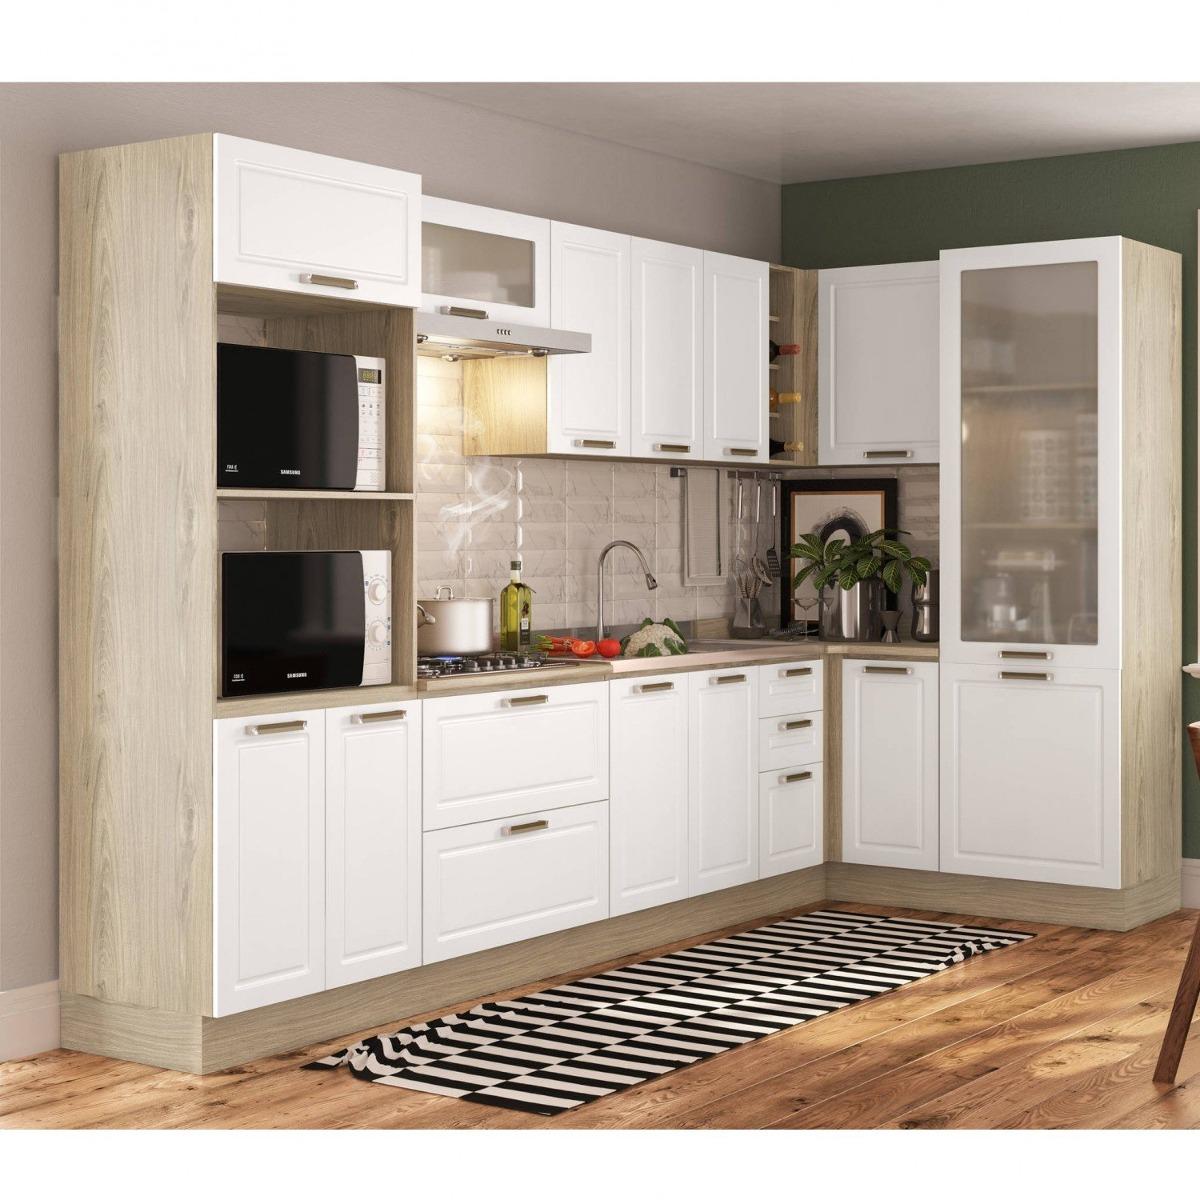 Cozinha Completa 9 M Dulos 13 Portas Proven Al Cook Edwt R 2 783